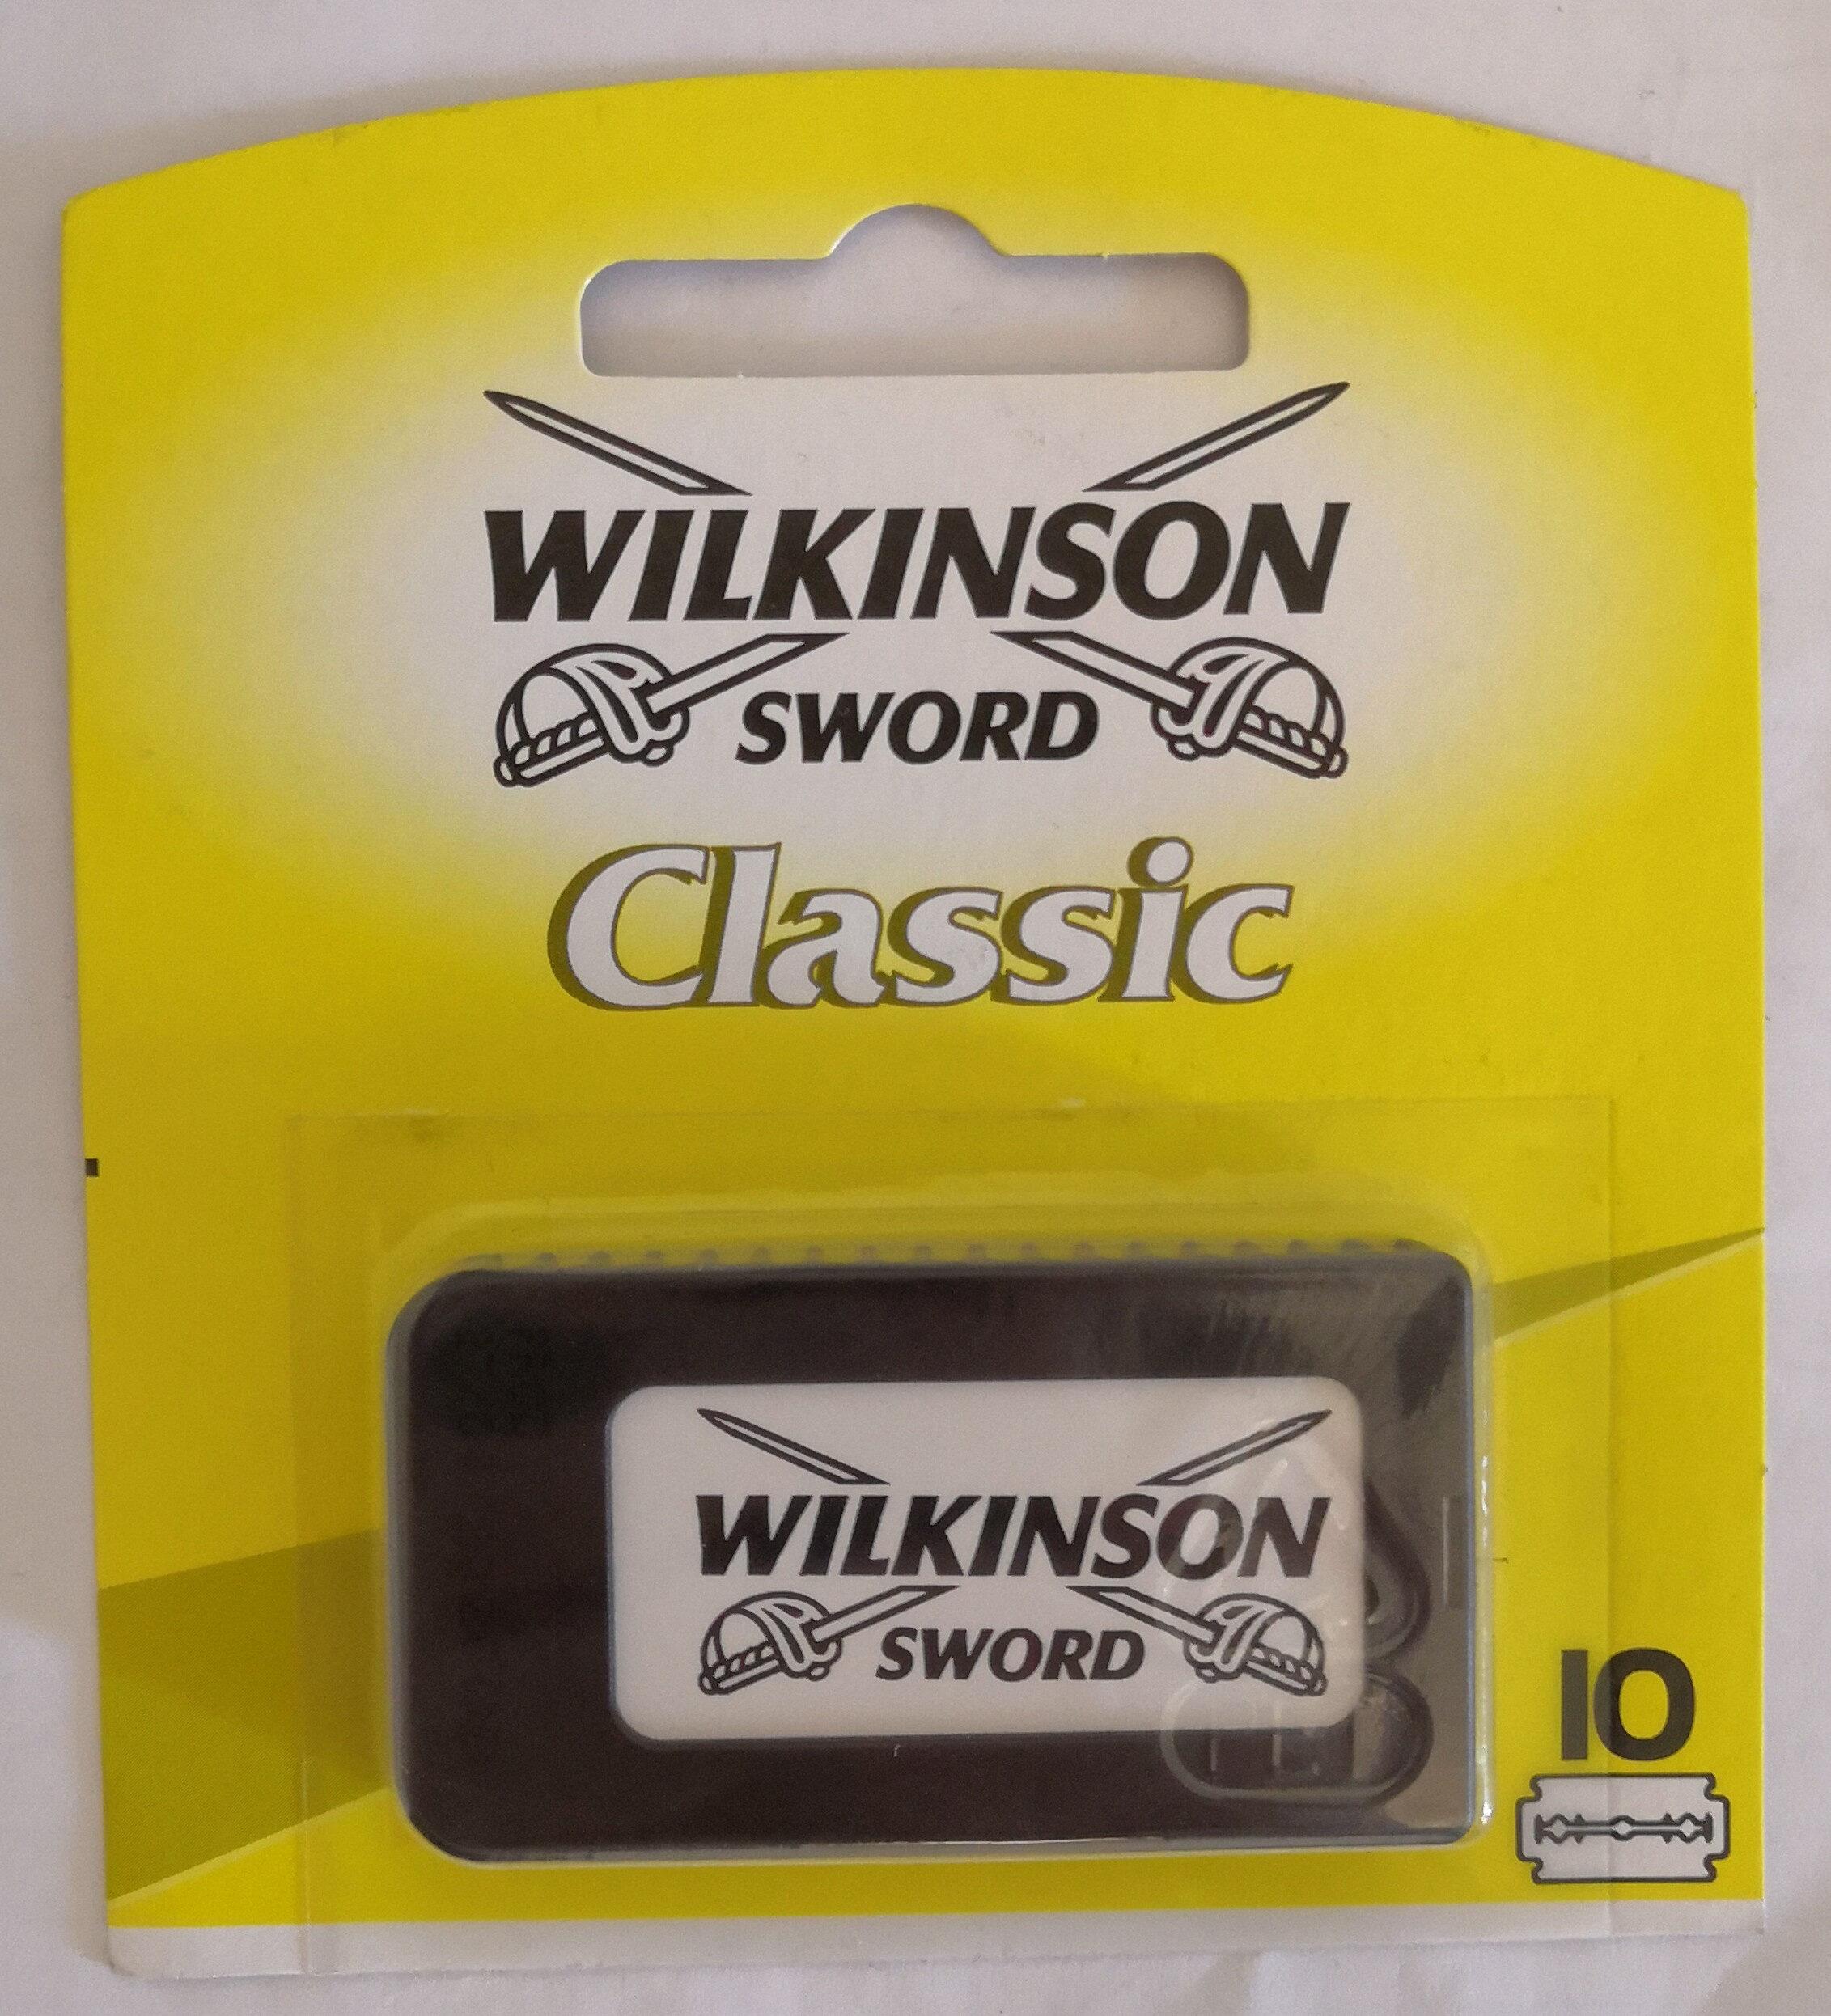 Wilkinson Sword Classic Rasierklingen - Product - de